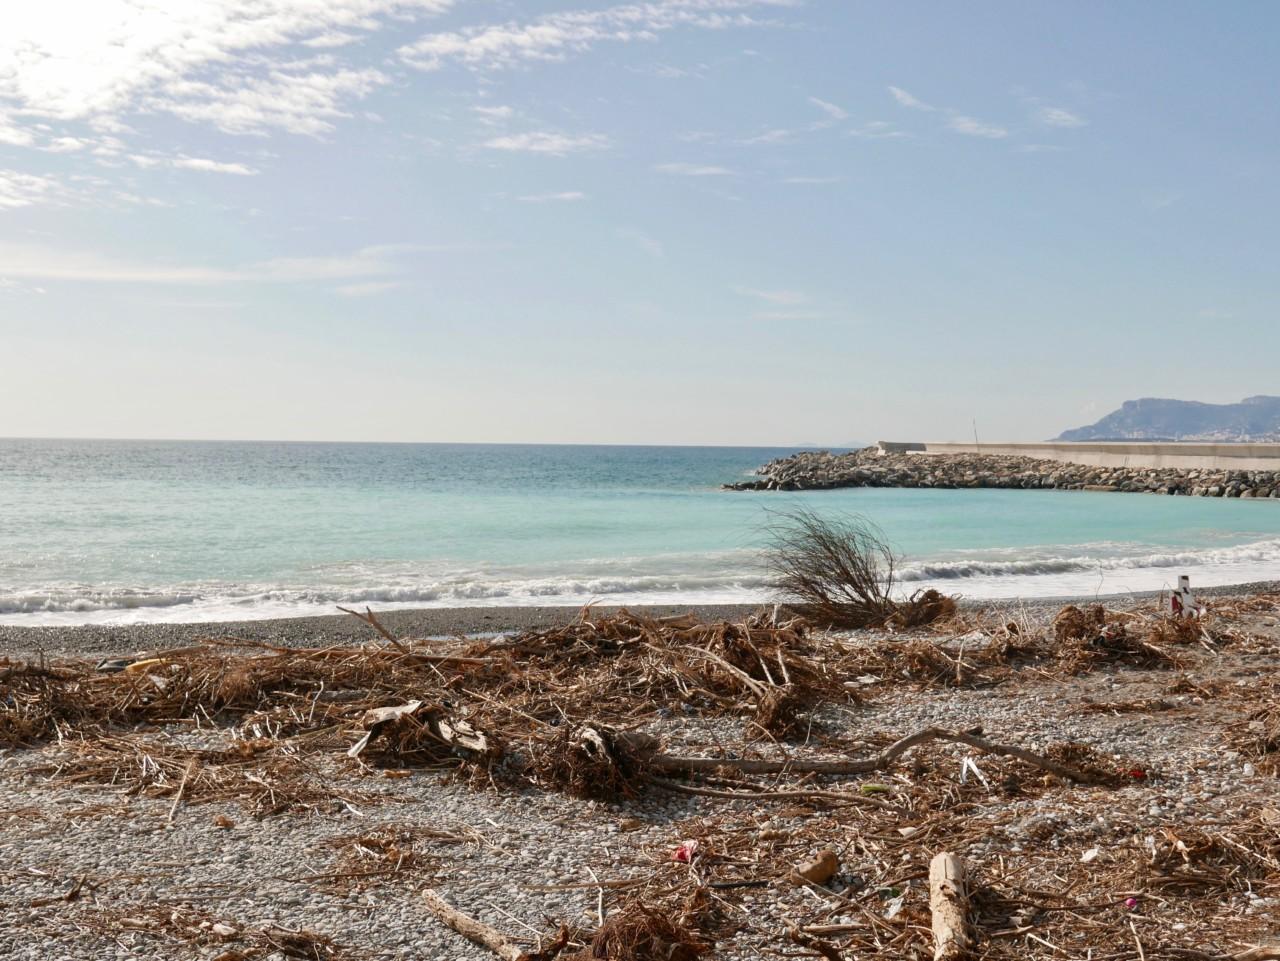 drivved-stranden-ventimiglia-cote-azur-middelhavet-plastic